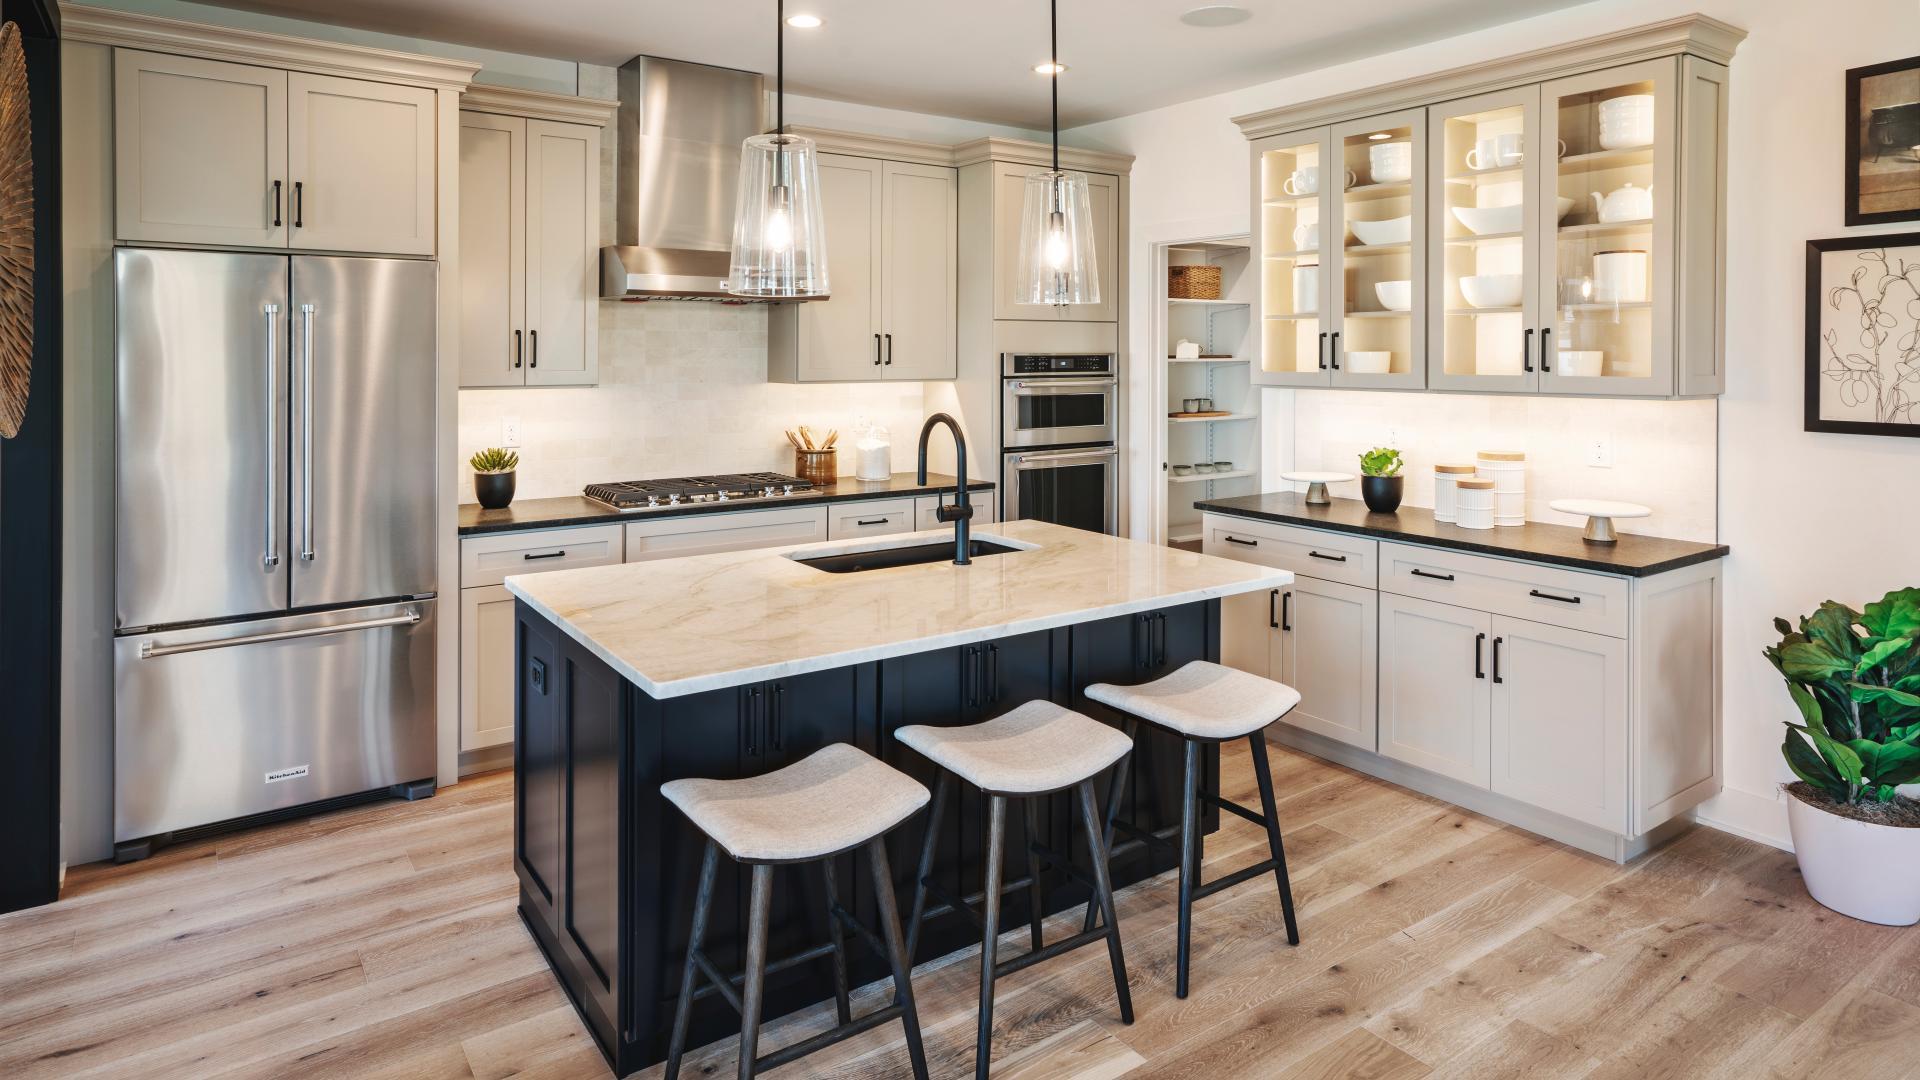 Nolan Elite kitchen with center island